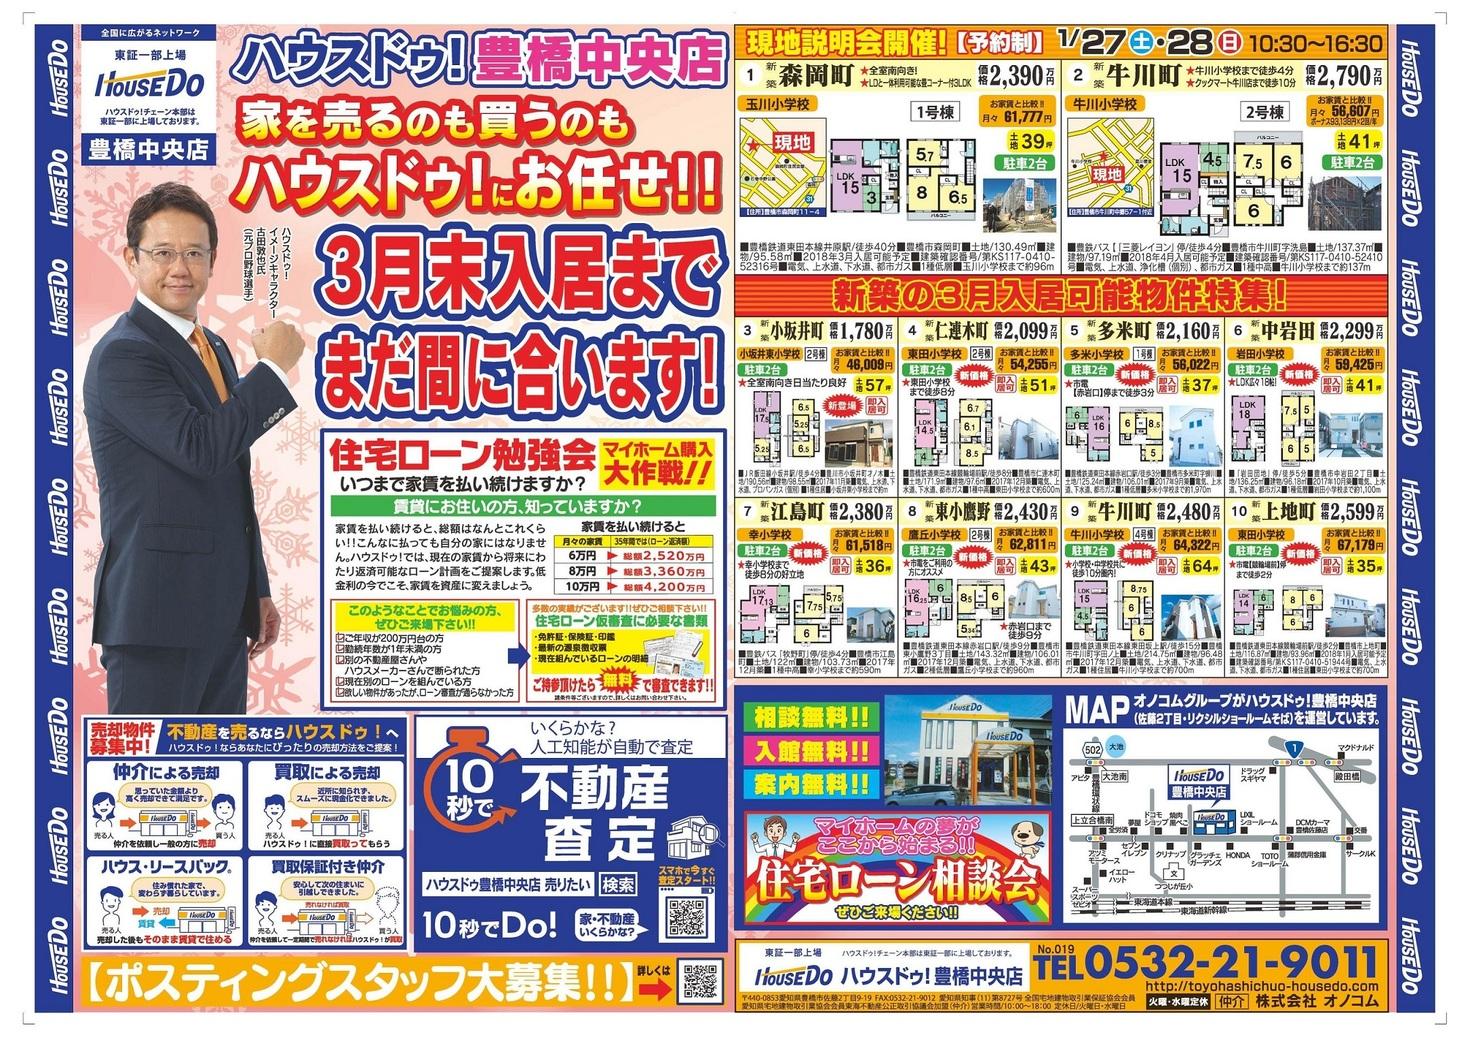 2018/1/26号 最新不動産チラシ 表